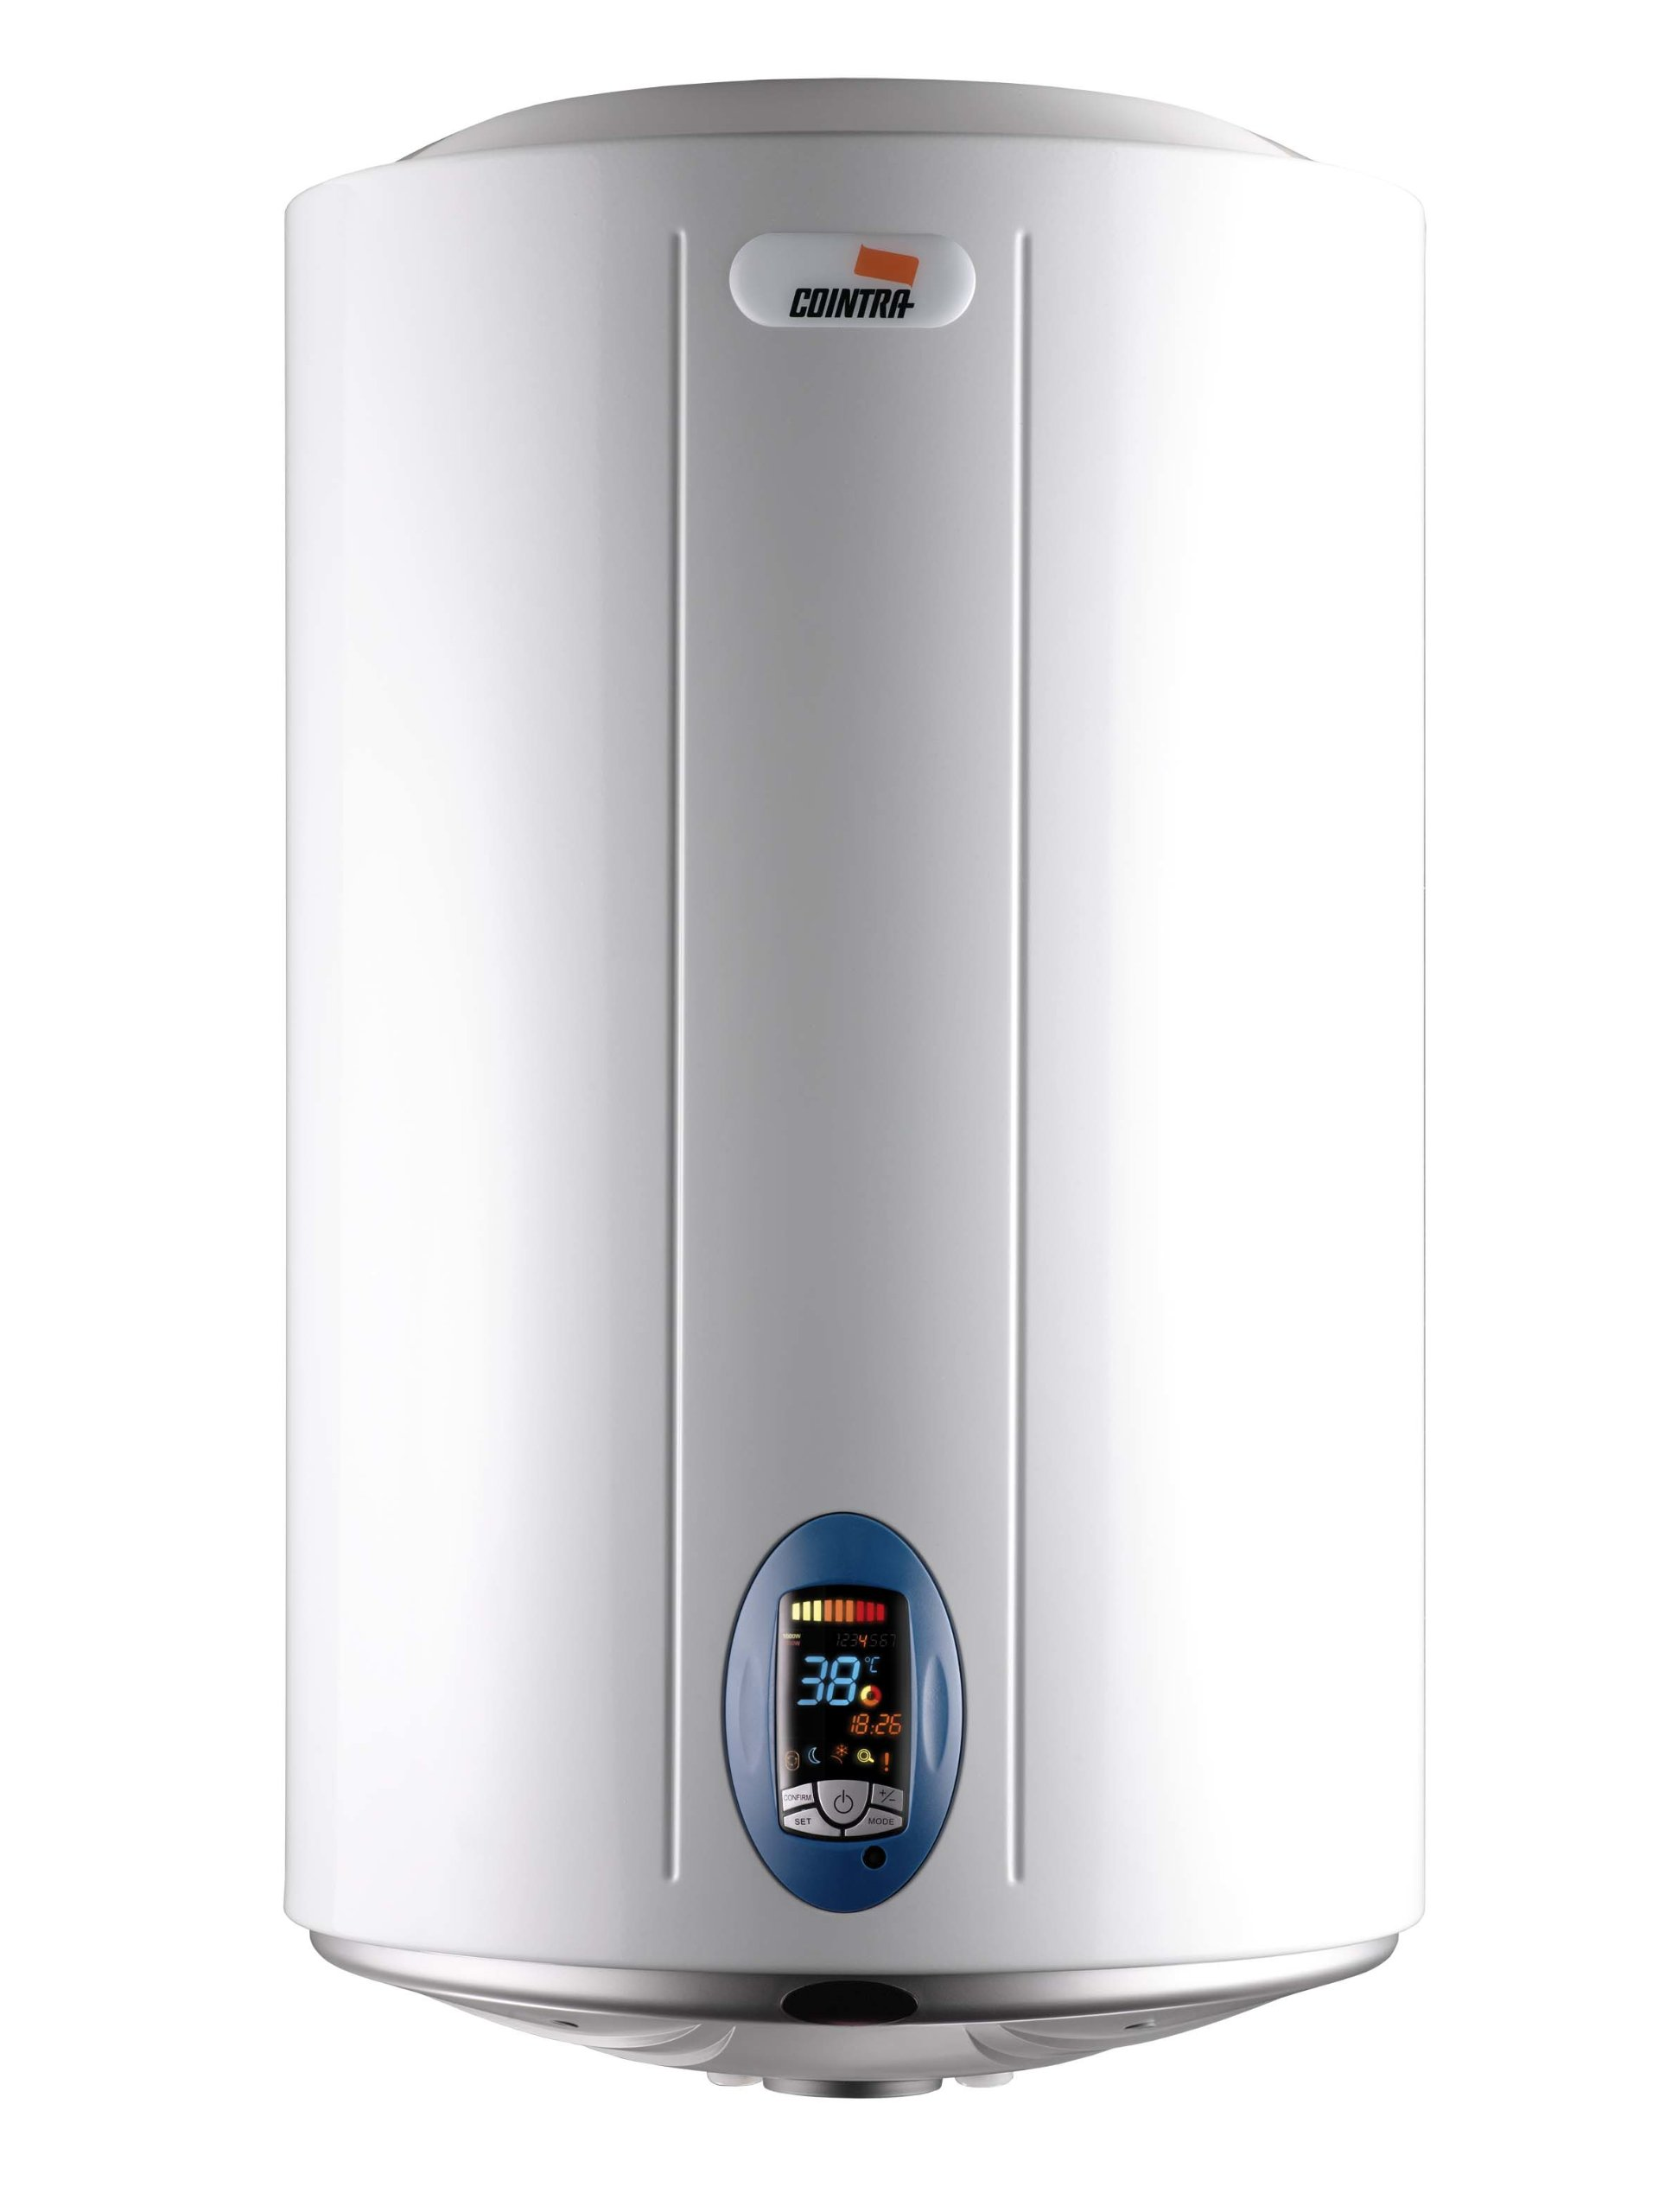 71XLz8tkl6L - Cointra 8430709142619 14261 Calentador de agua, 230 V, Blanco